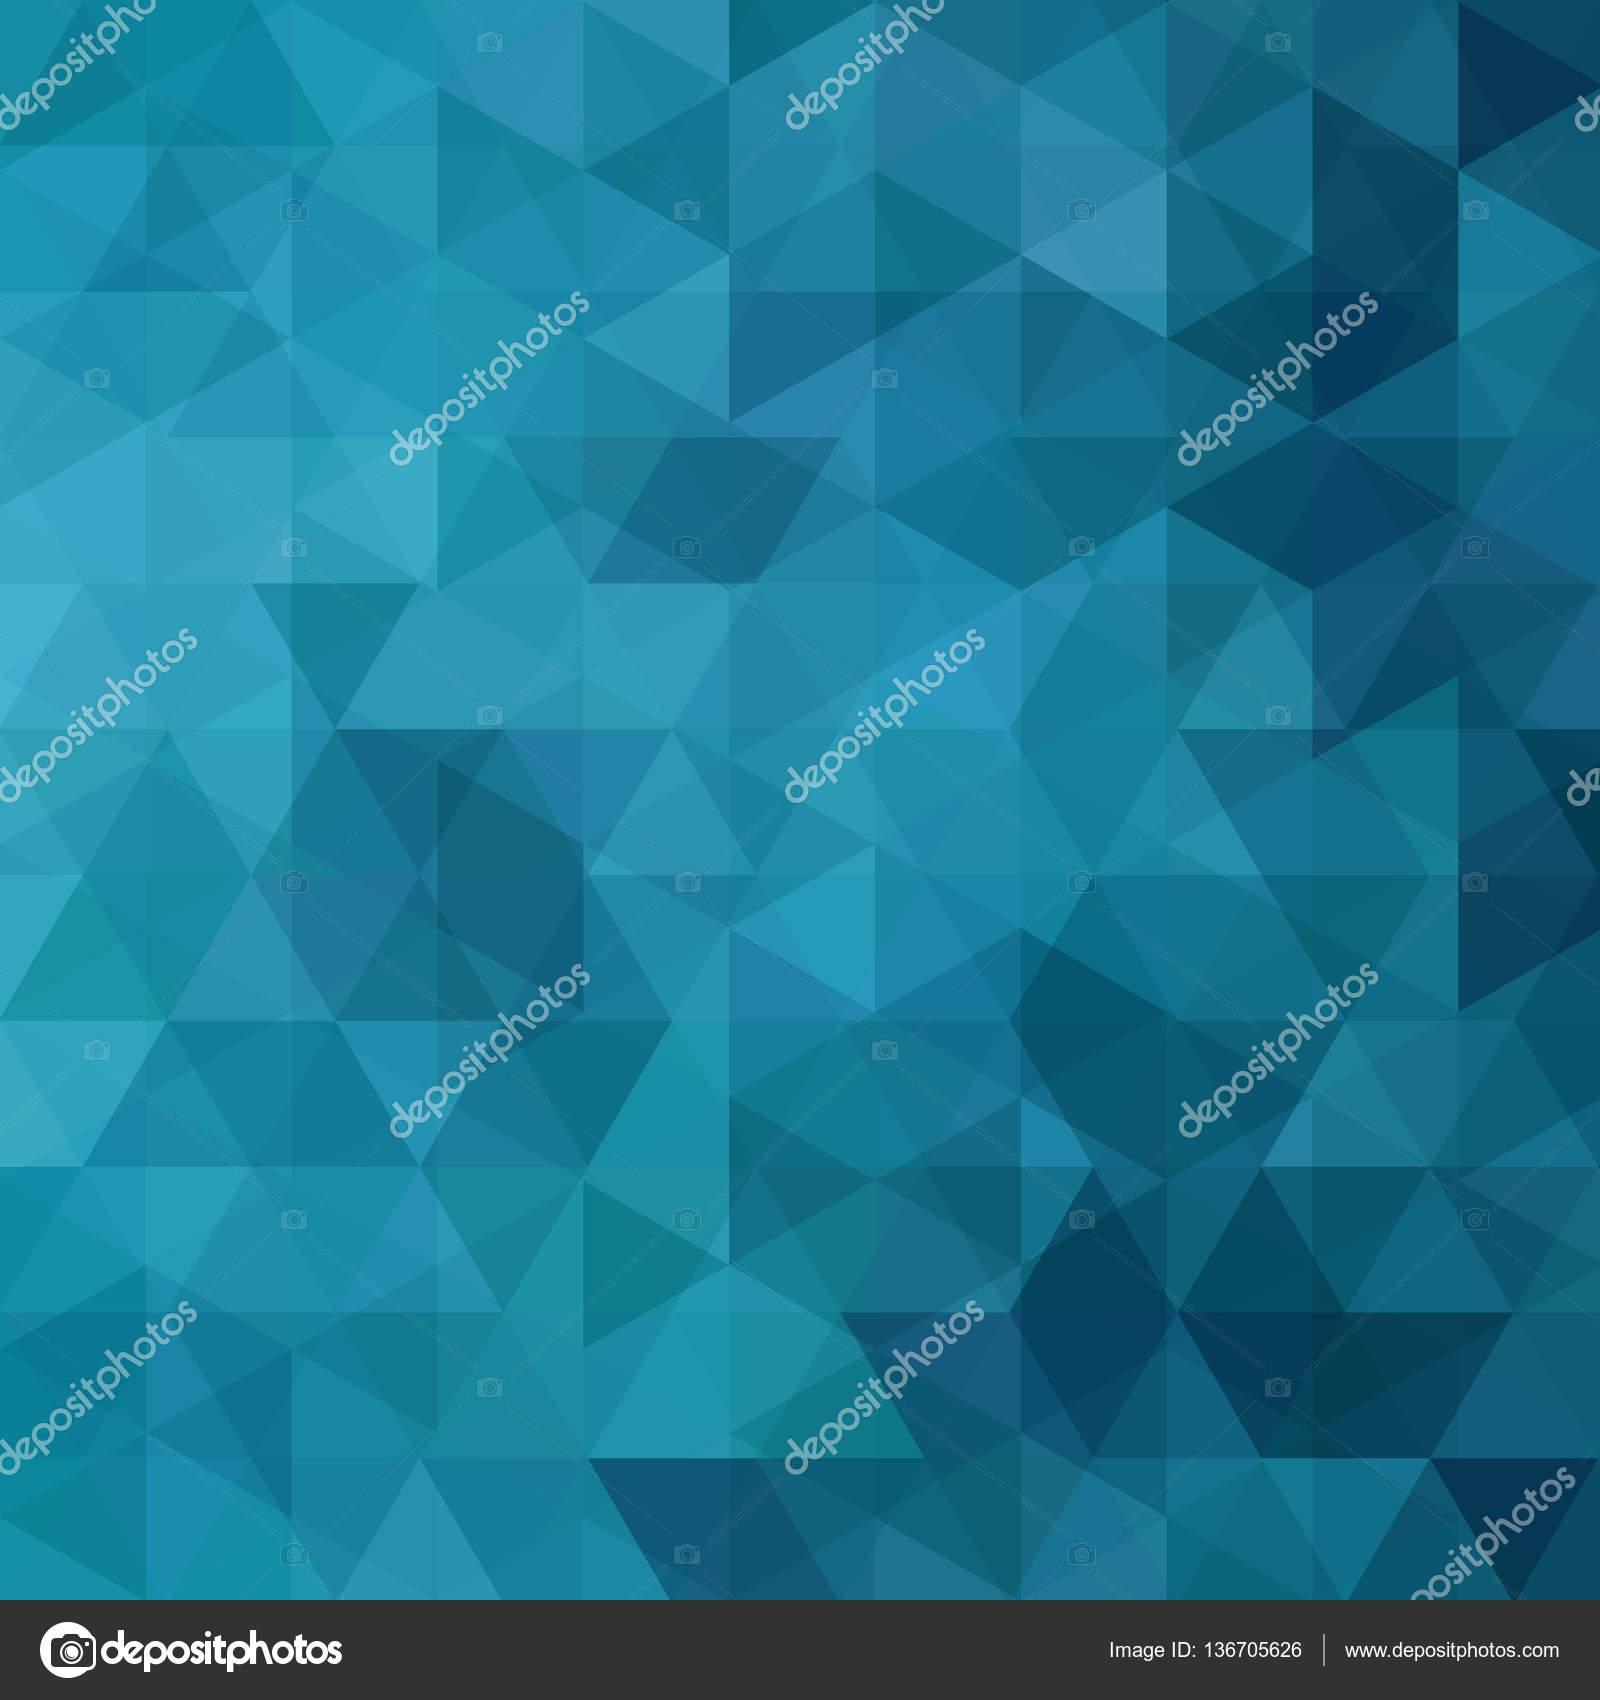 Zusammenfassung Hintergrund bestehend aus blauen Dreiecke ...